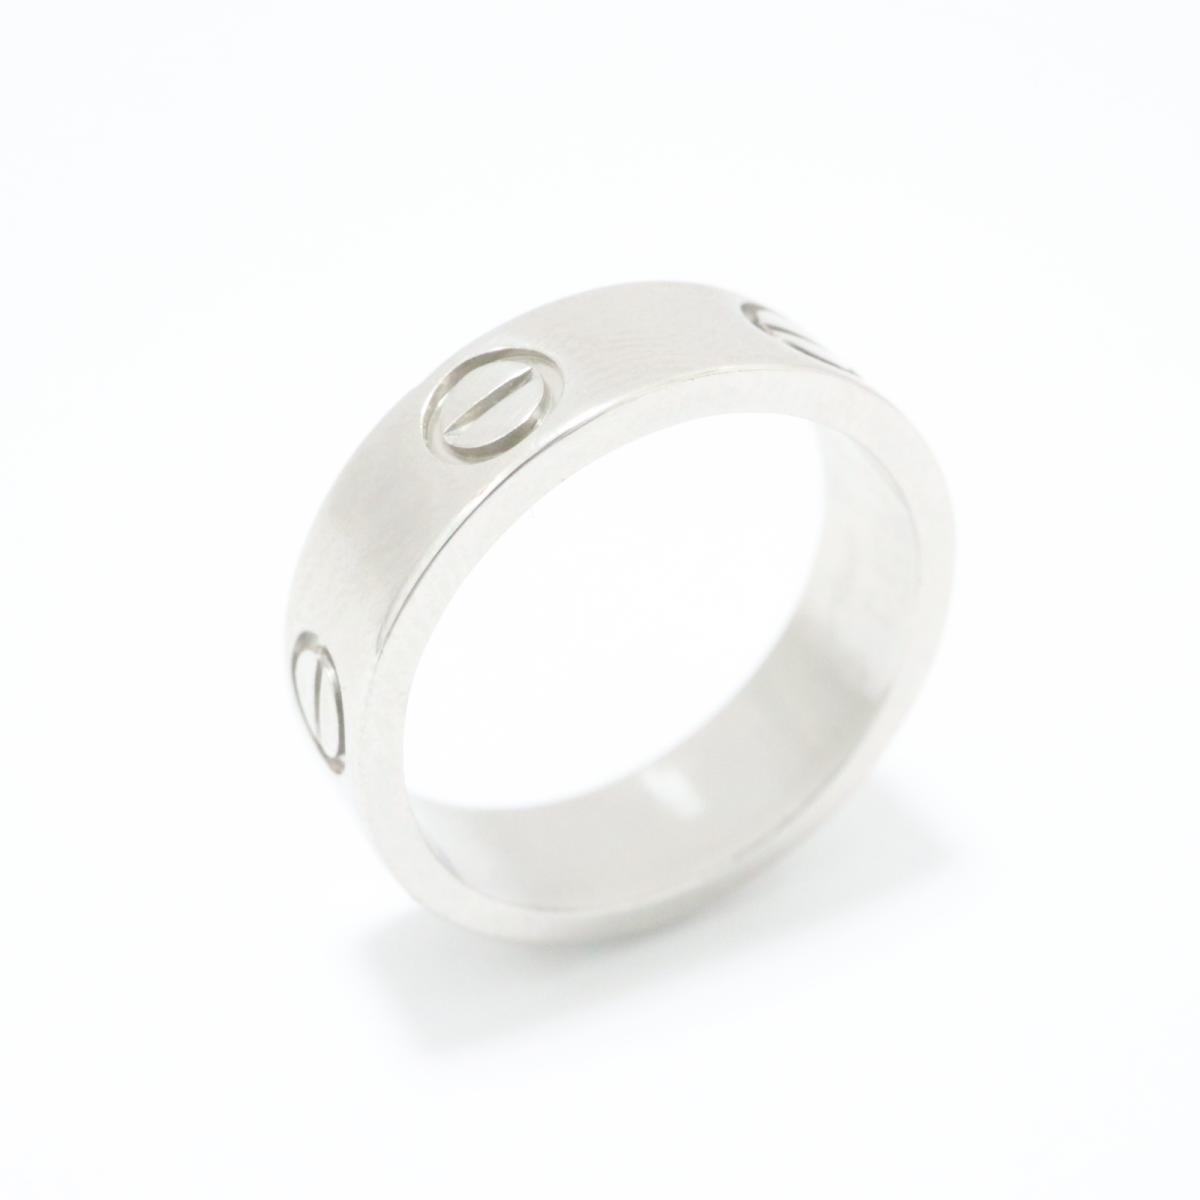 【中古】カルティエ ラブリング 指輪 メンズ レディース PT950 プラチナ シルバー | Cartier リング ラブリング 美品 ブランドオフ BRANDOFF